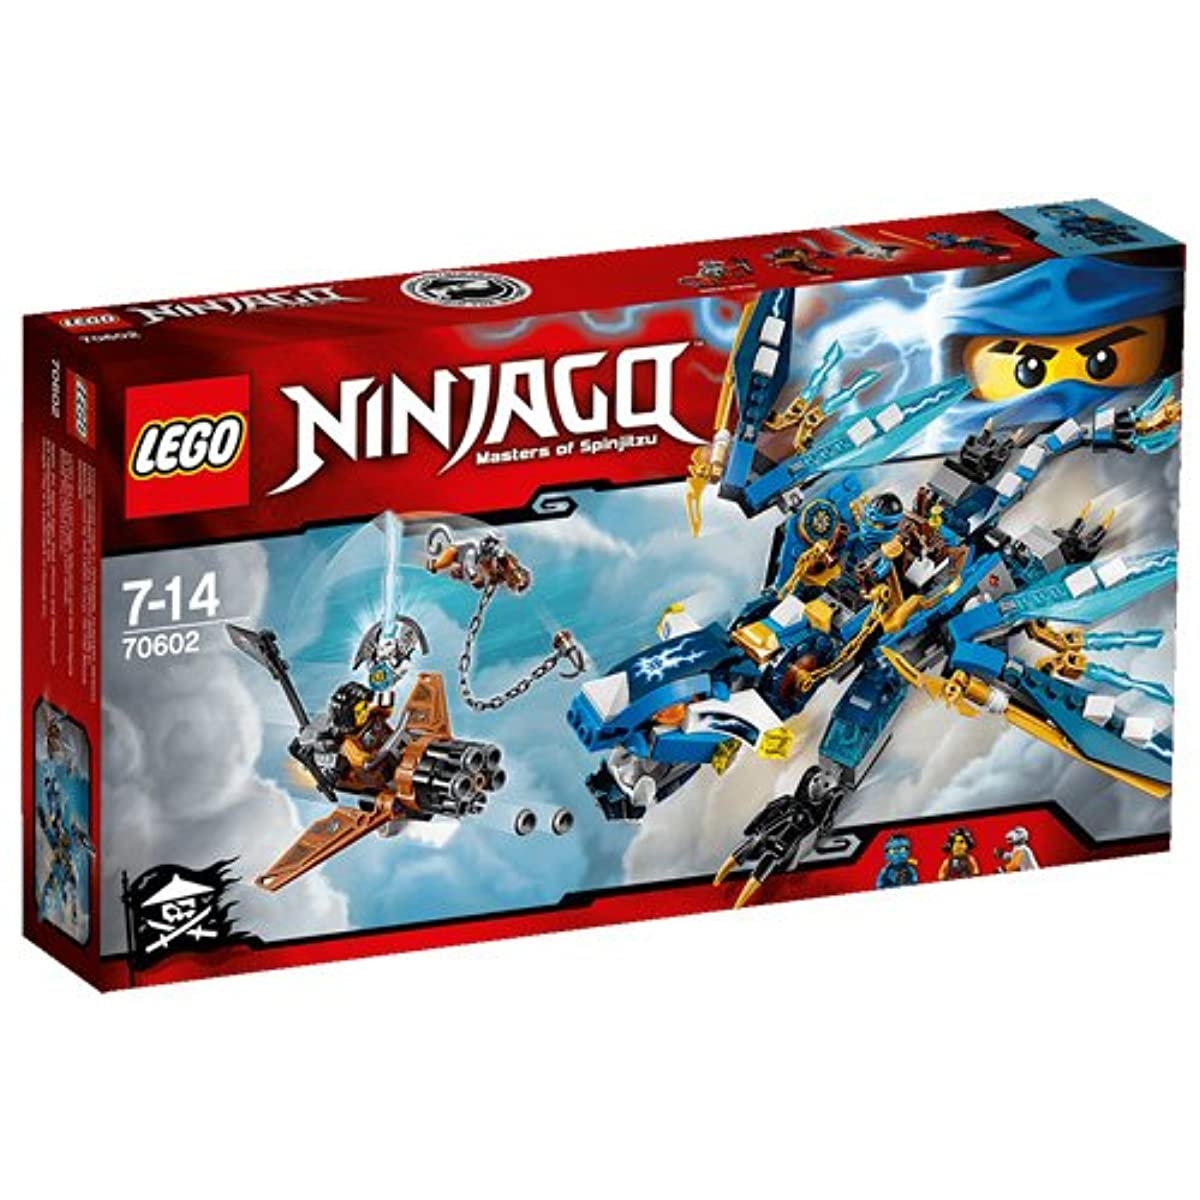 [해외] 레고 (LEGO) 닌자고 제이의 element드래곤 70602-70602 (2016-03-18)